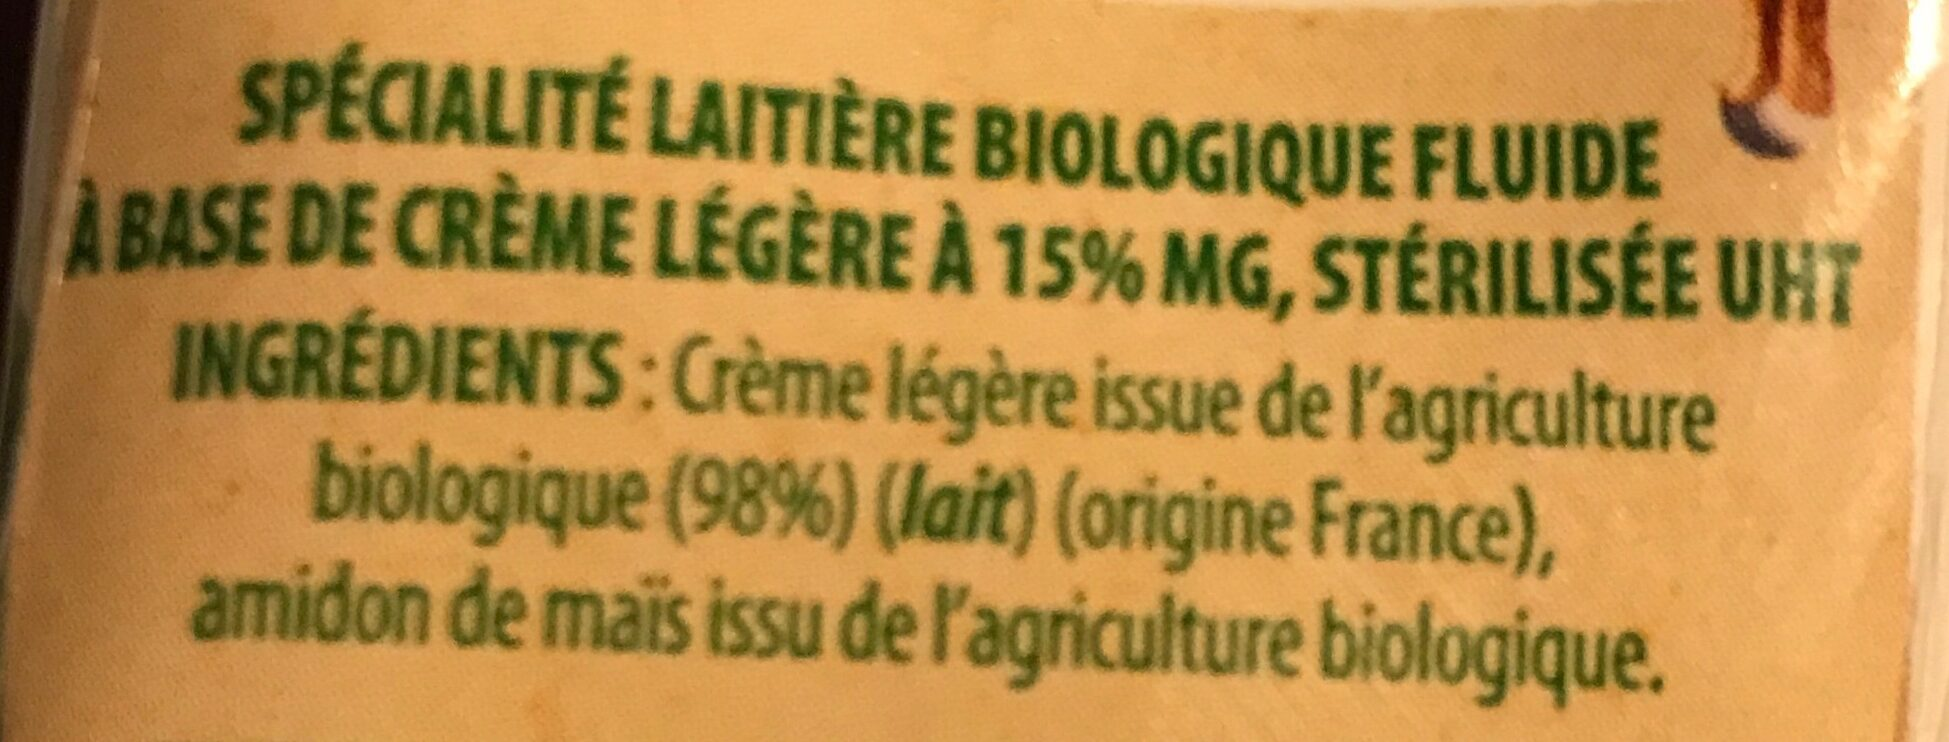 Bridélice BIO et legère 15% - Ingrediënten